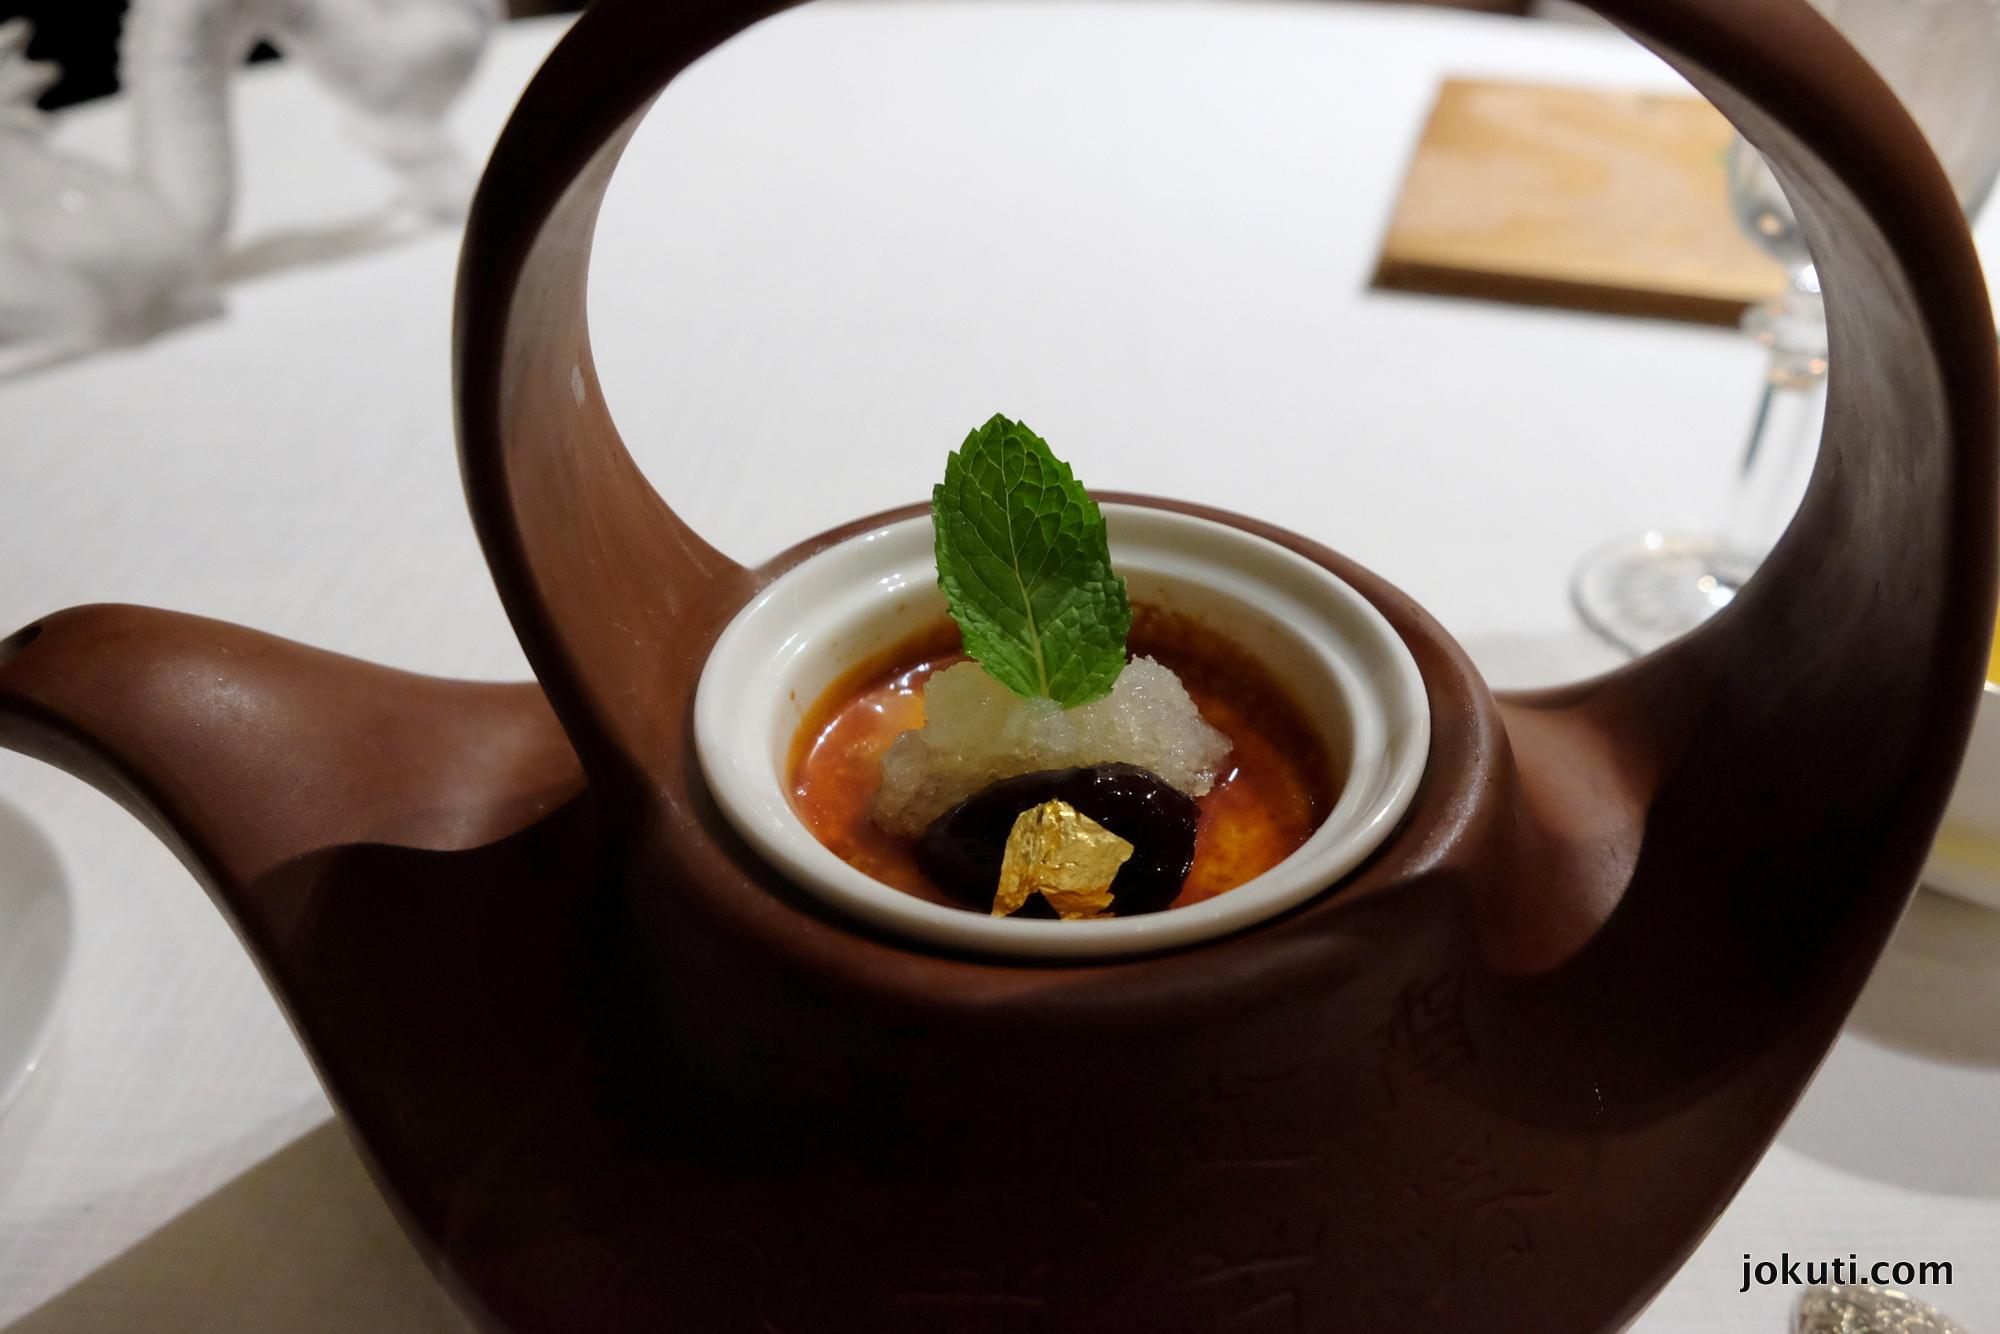 dscf6941_jade_dragon_restaurant_cantonese_chinese_michelin_macau_makao_china_kinai_vilagevo_jokuti.jpg